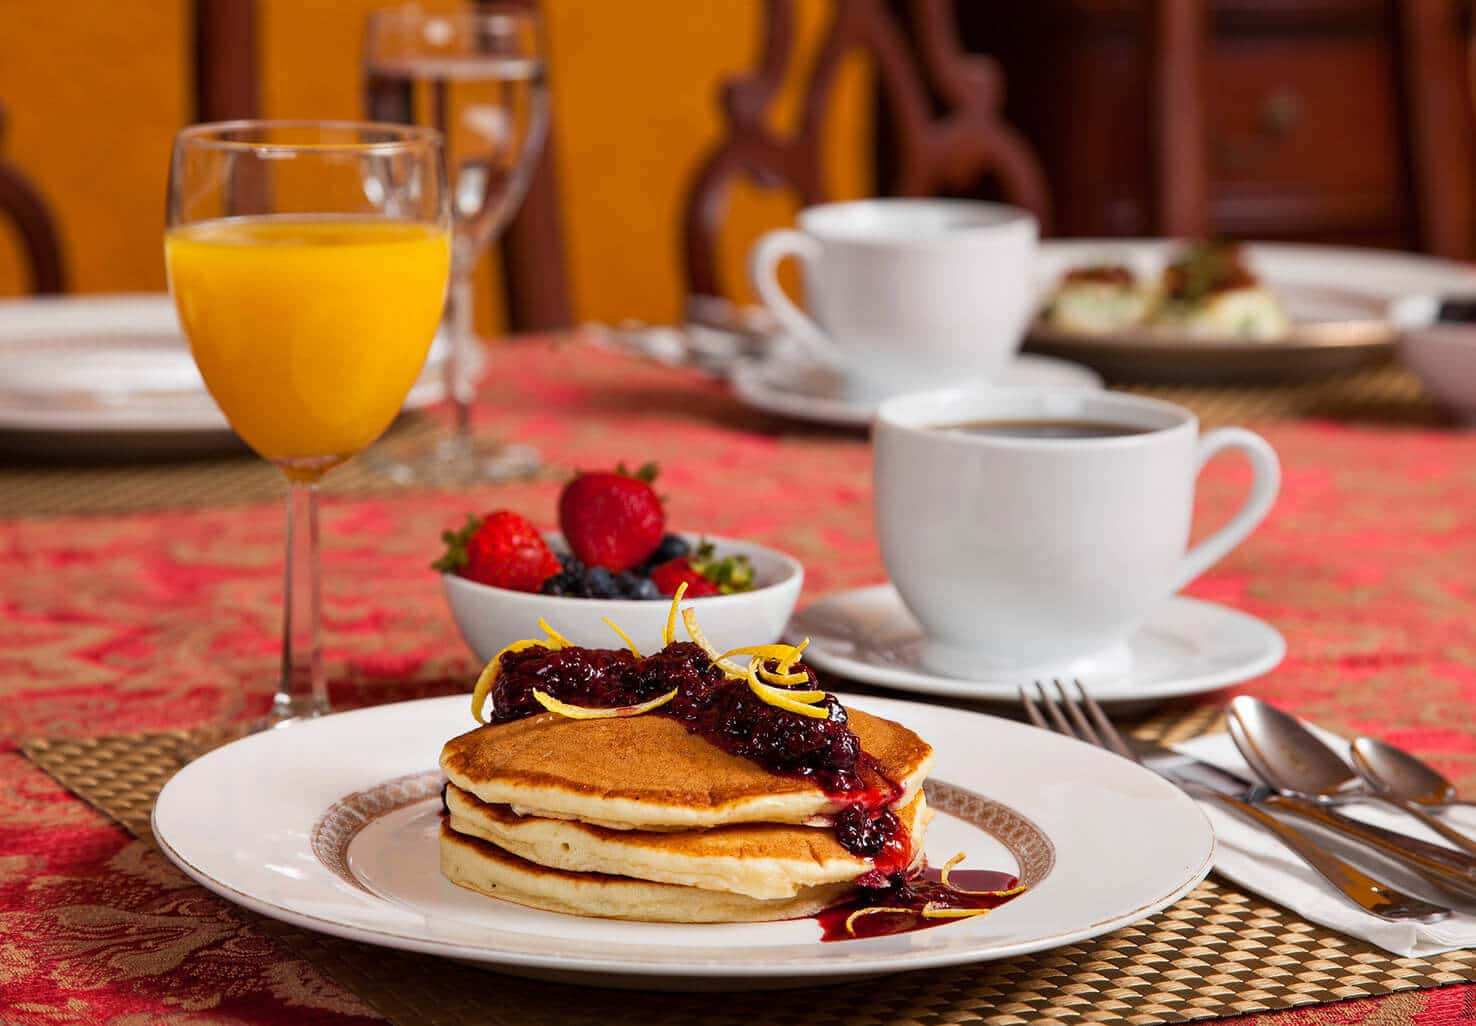 Pancakes with berries breakfast